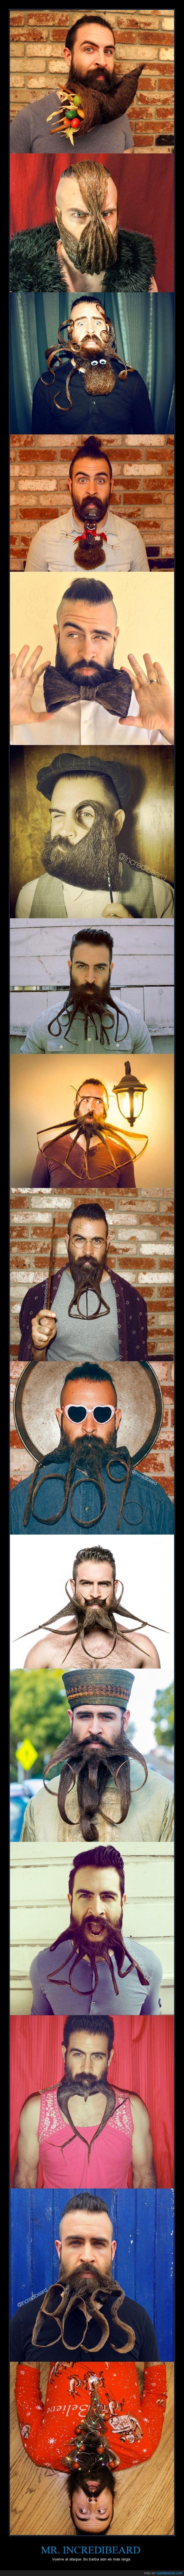 Bane,barba,boss,bow tie,corazon,diseño,forma,Harry Potter,Incredibeard,larga,Mr,navidad,pulpo